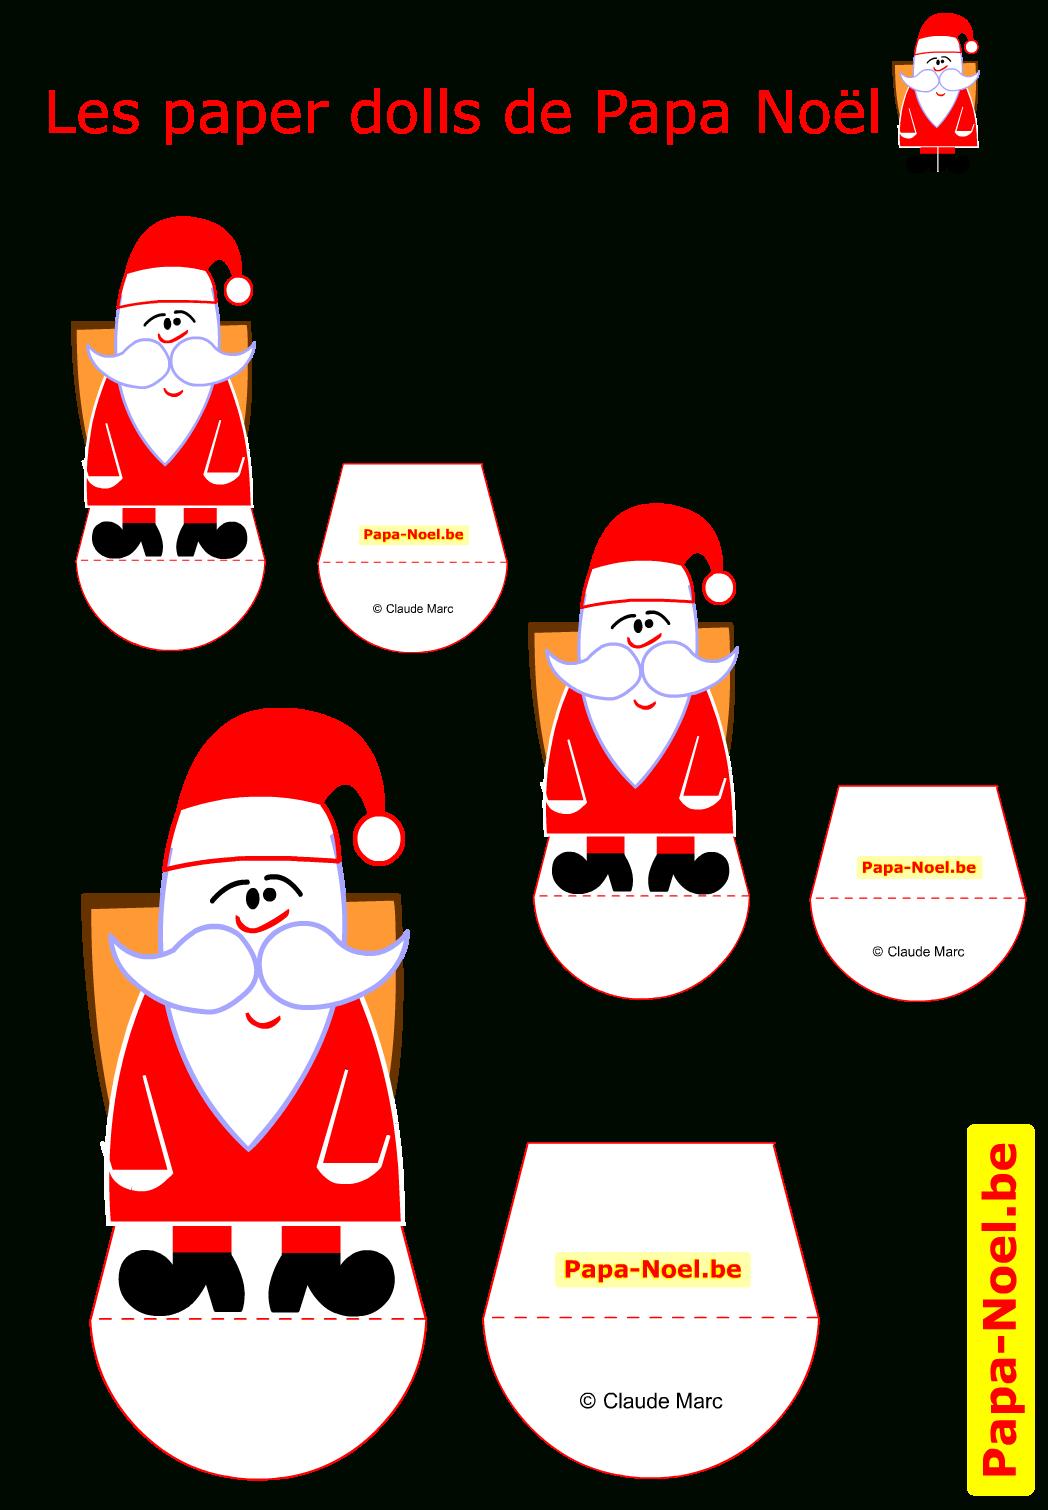 Paper Doll Papa Noel Enfant A Imprimer Pere Noël Jouet En encequiconcerne Pere Noel A Imprimer Et A Decouper